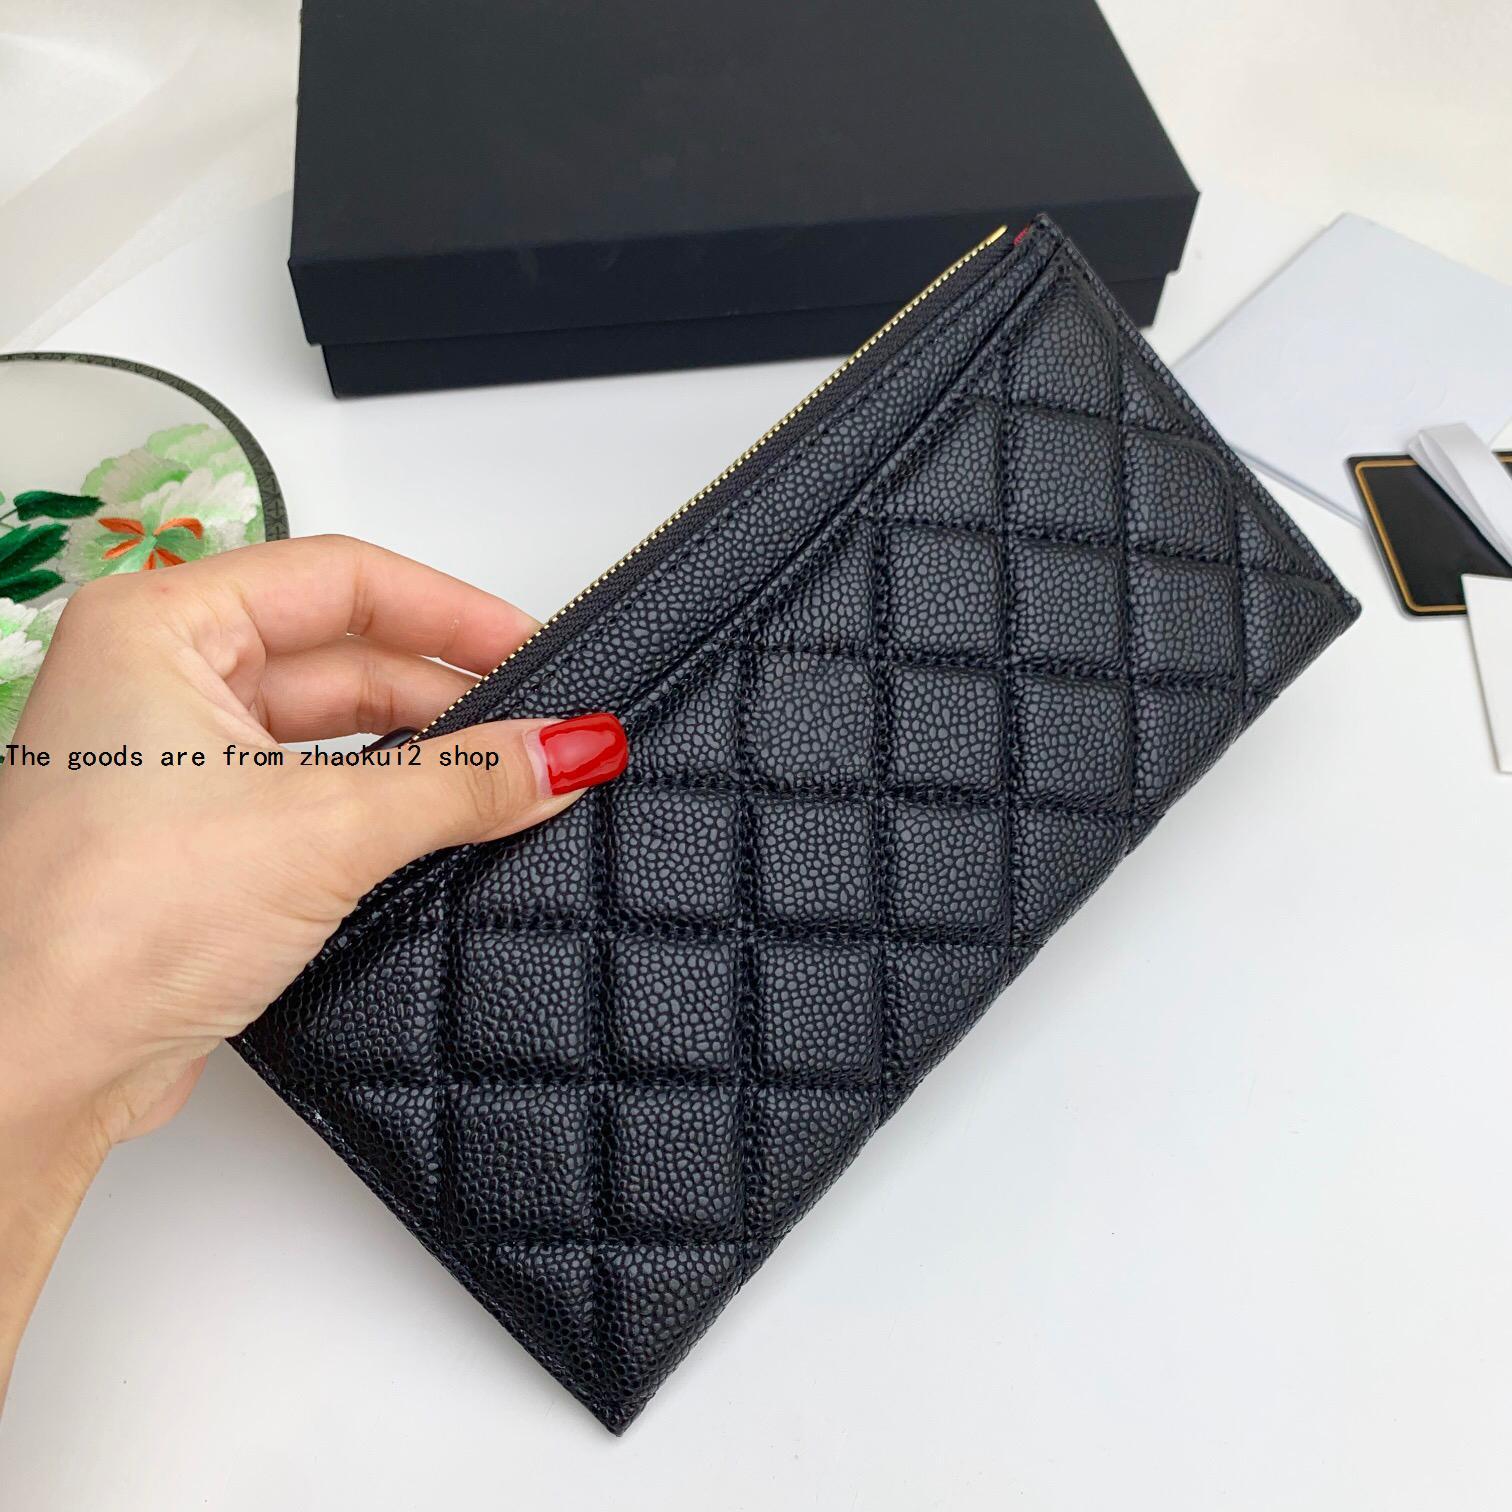 Fanny Pack Qynf Bandbody Sacs Créateurs Sacs Sacs Mode Mens Sac Sac à la taille Champions Vintage Luxurys Bumbag Réglable Porte-monnaie Femmes Rnqu